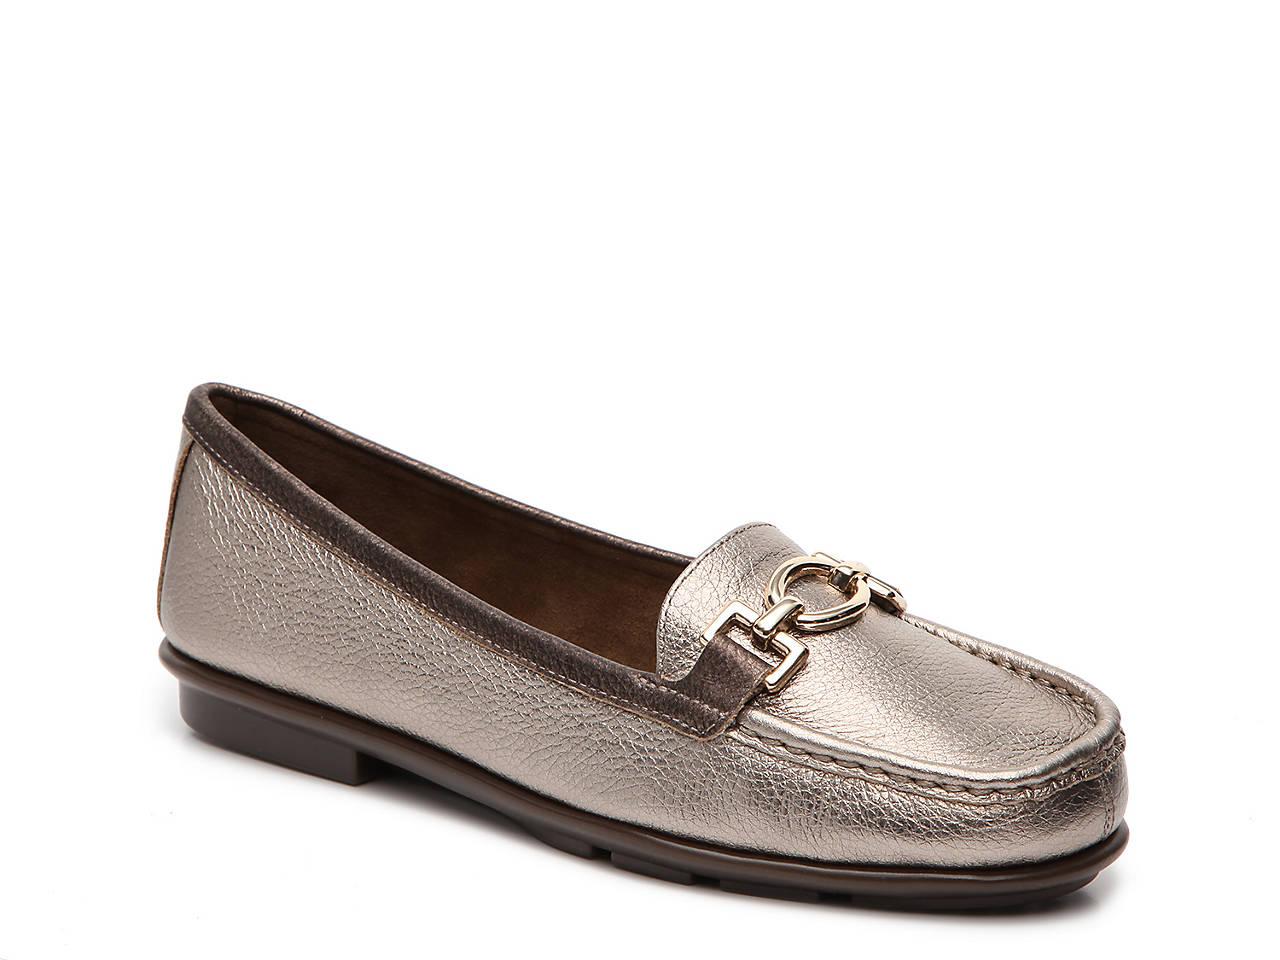 Aerosole Shoes